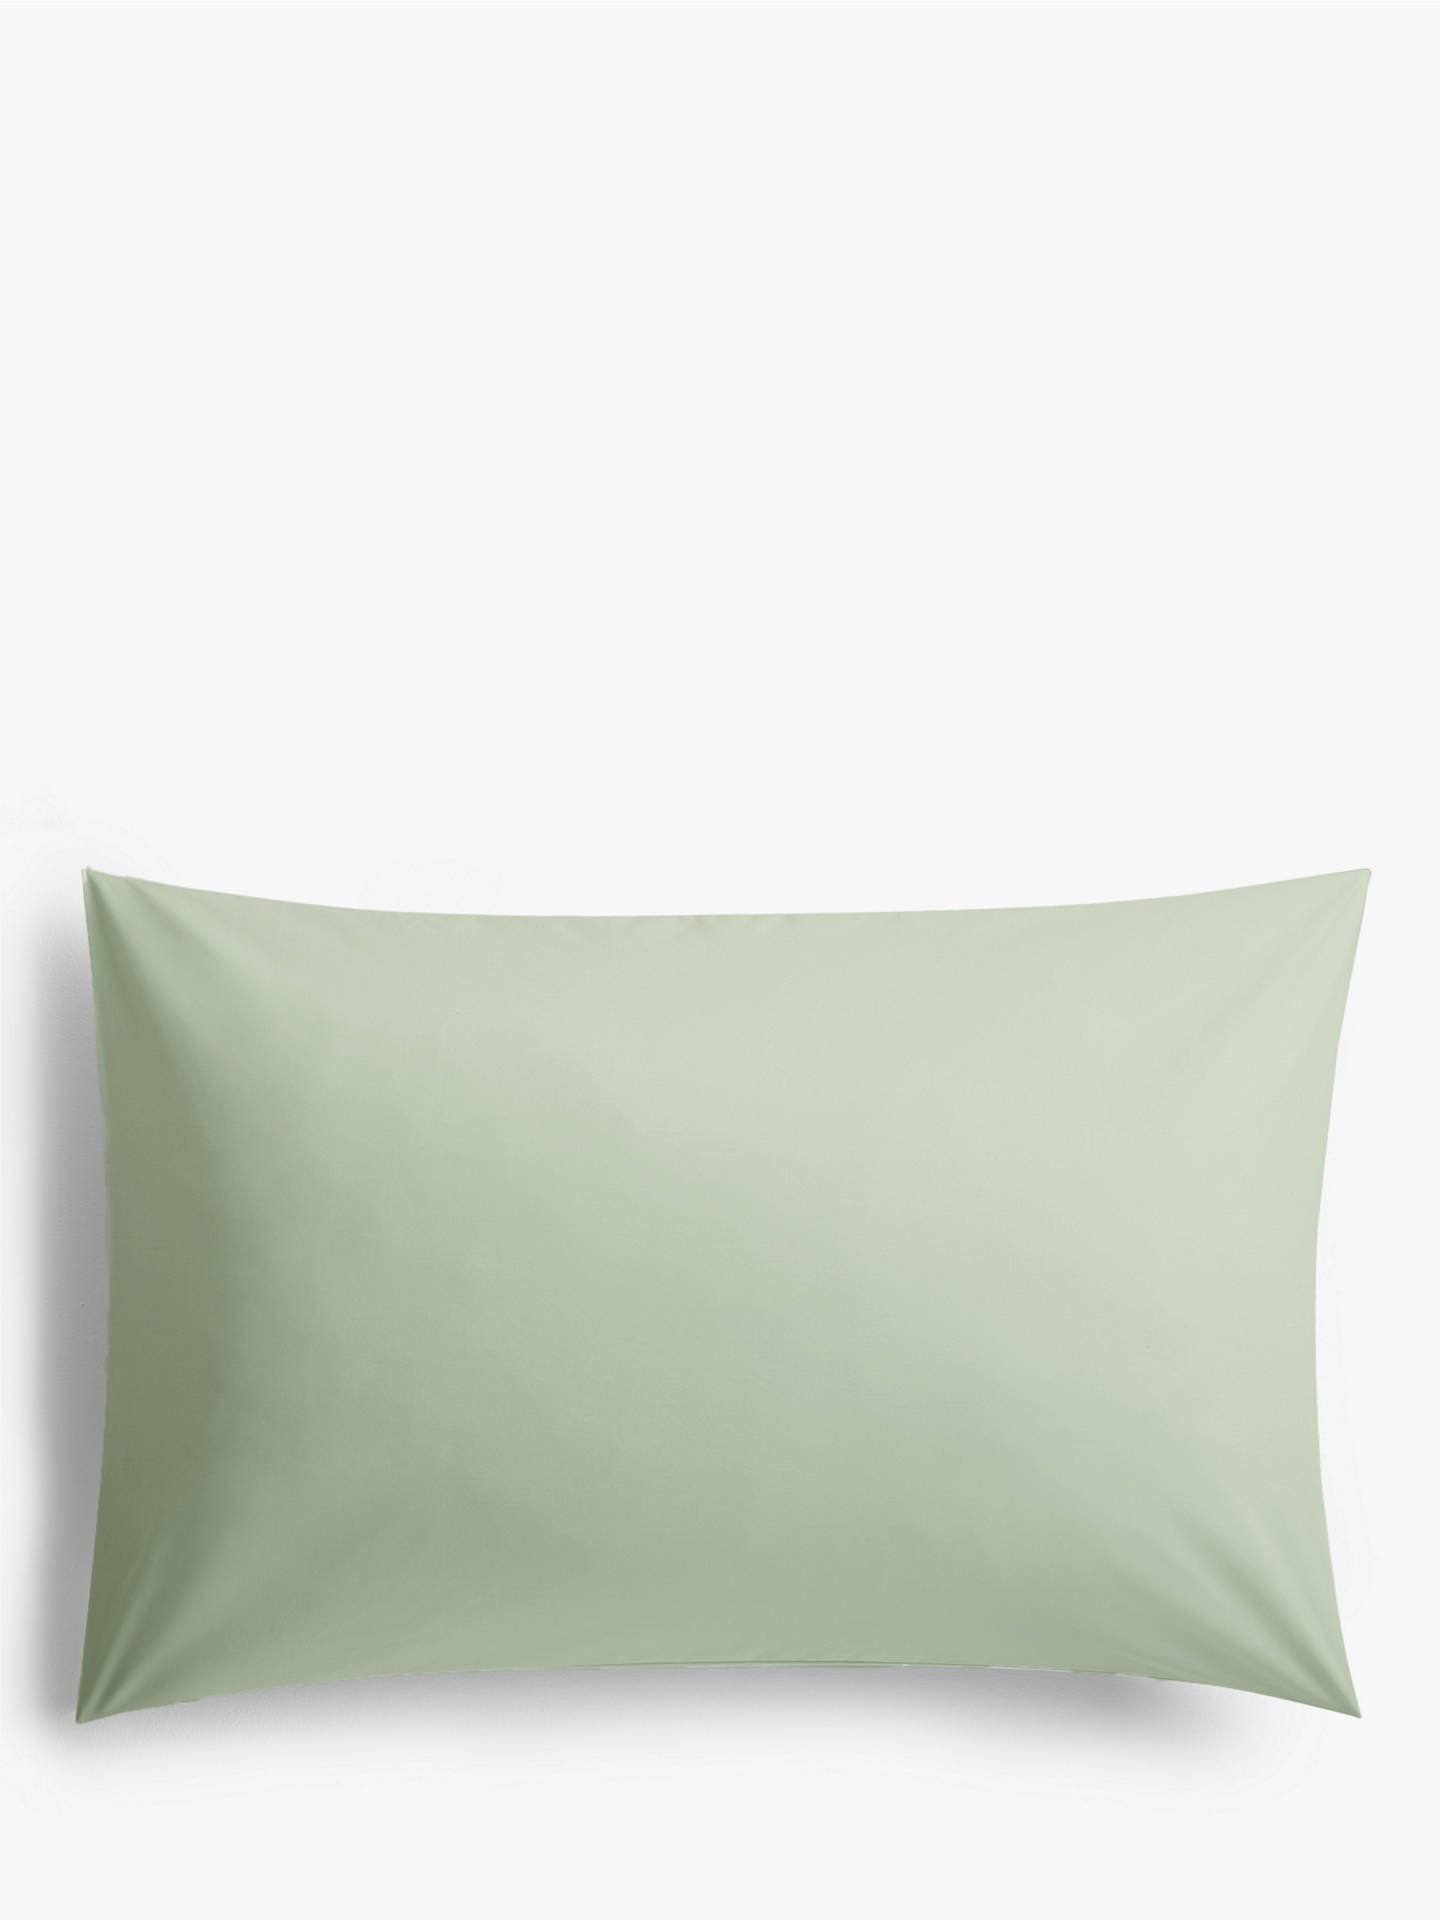 John Lewis Egyptian Cotton Standard Pillowcase